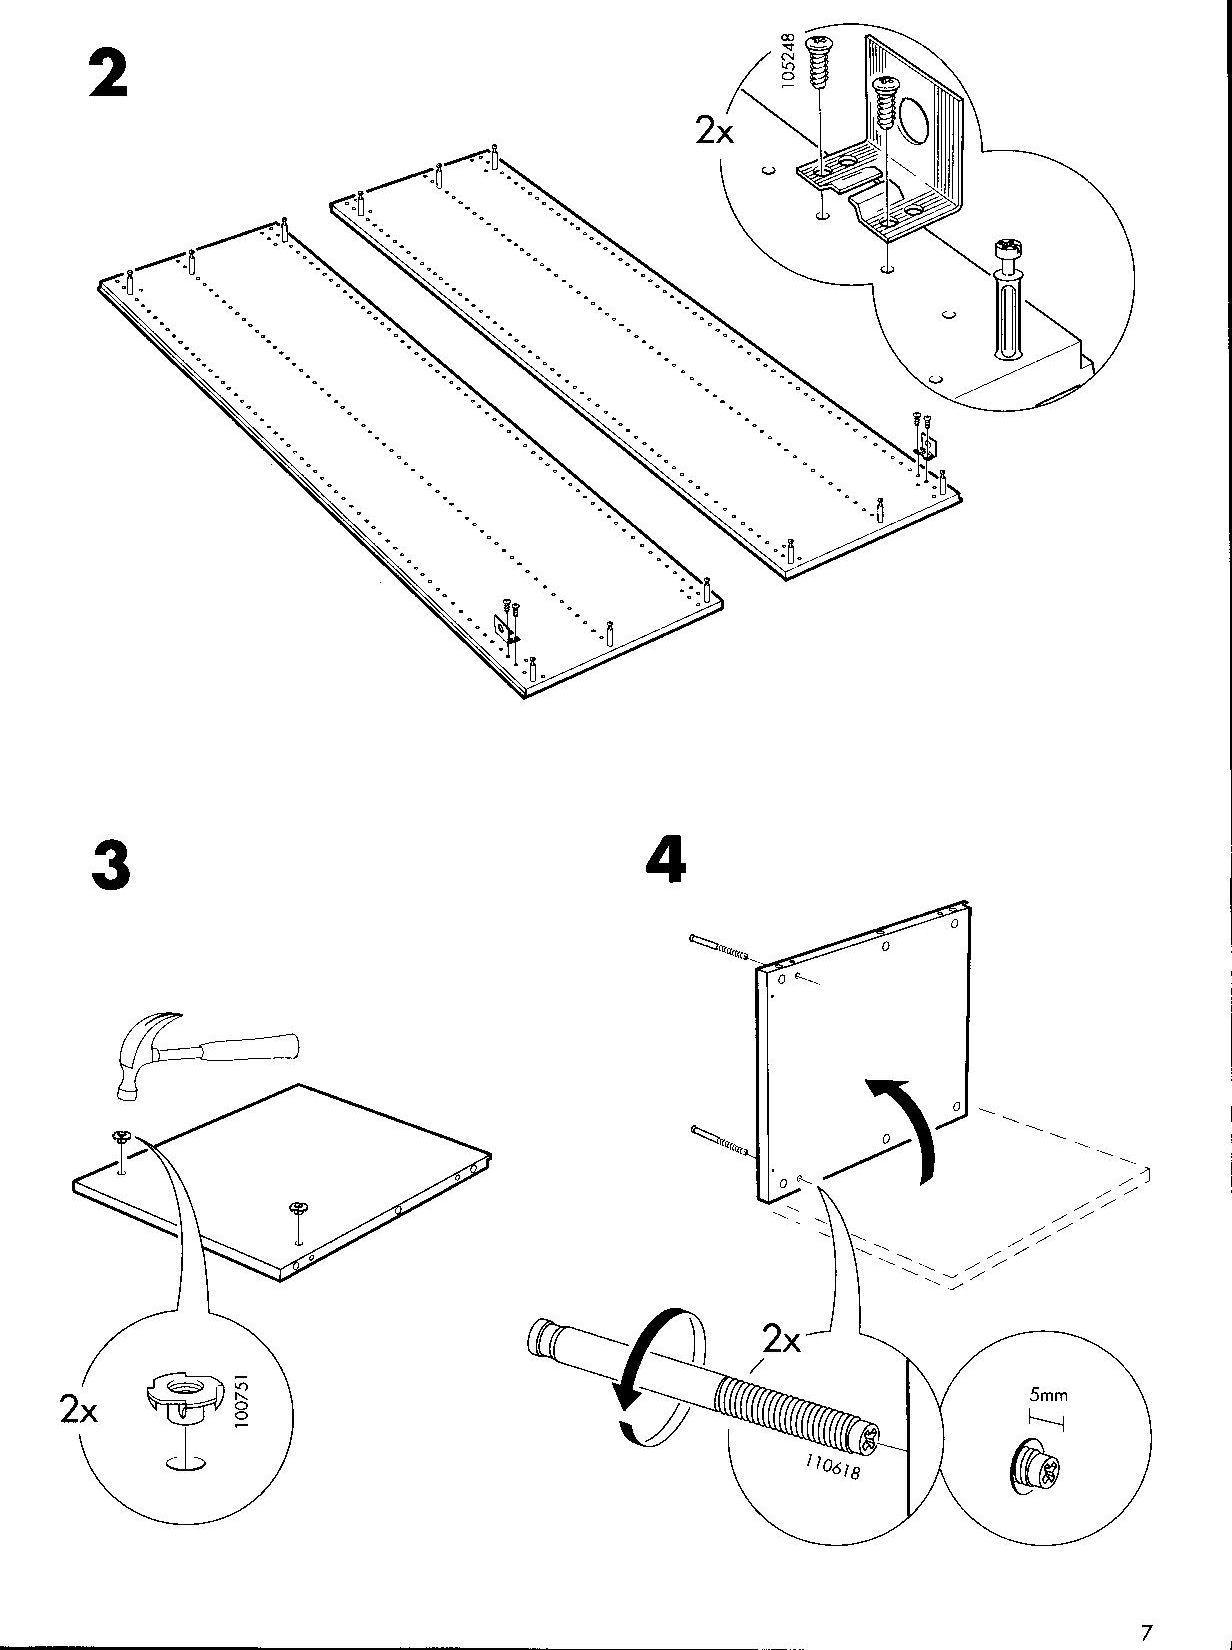 ISTRUZIONI PAX IKEA PDF